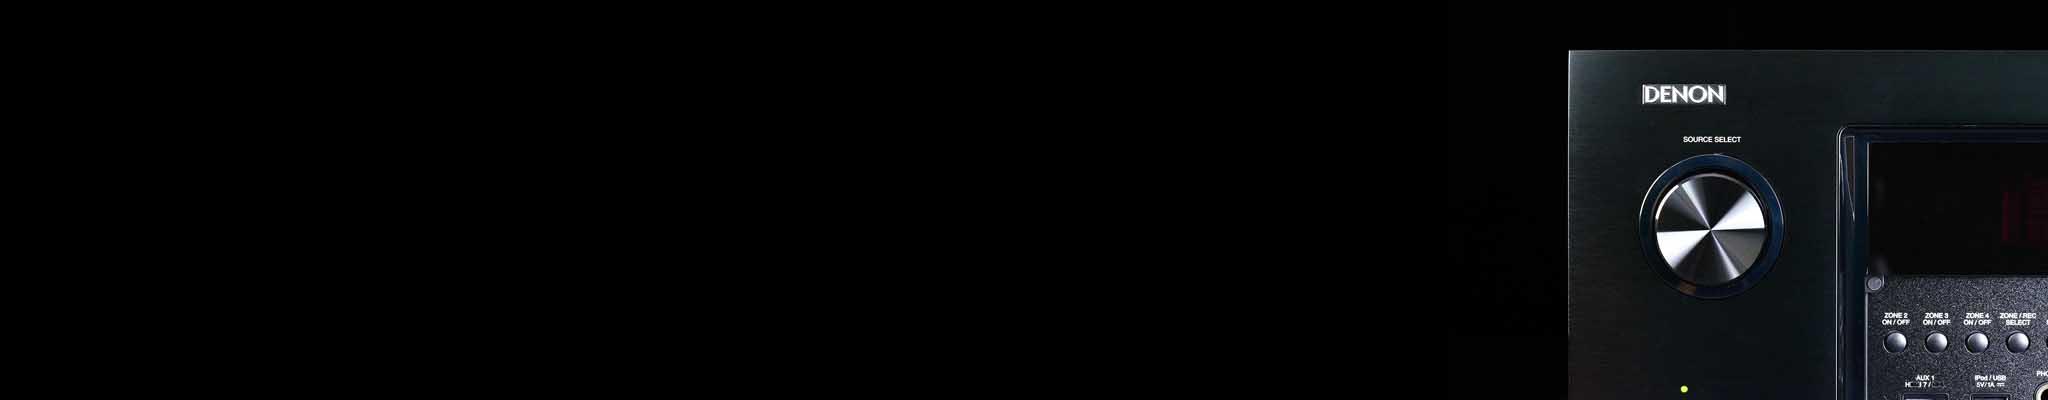 Denon-AVR-4520_ImageBanner